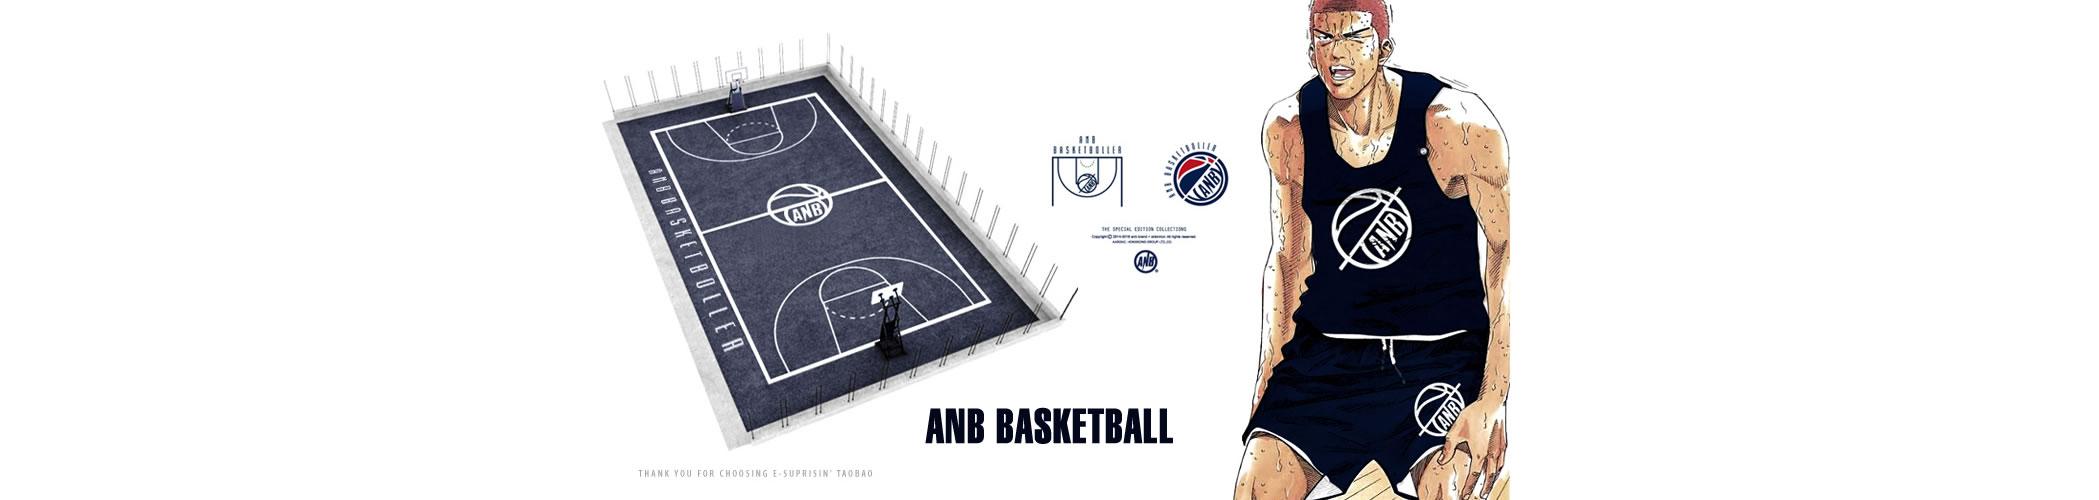 ANB BRAND BASKETBALL